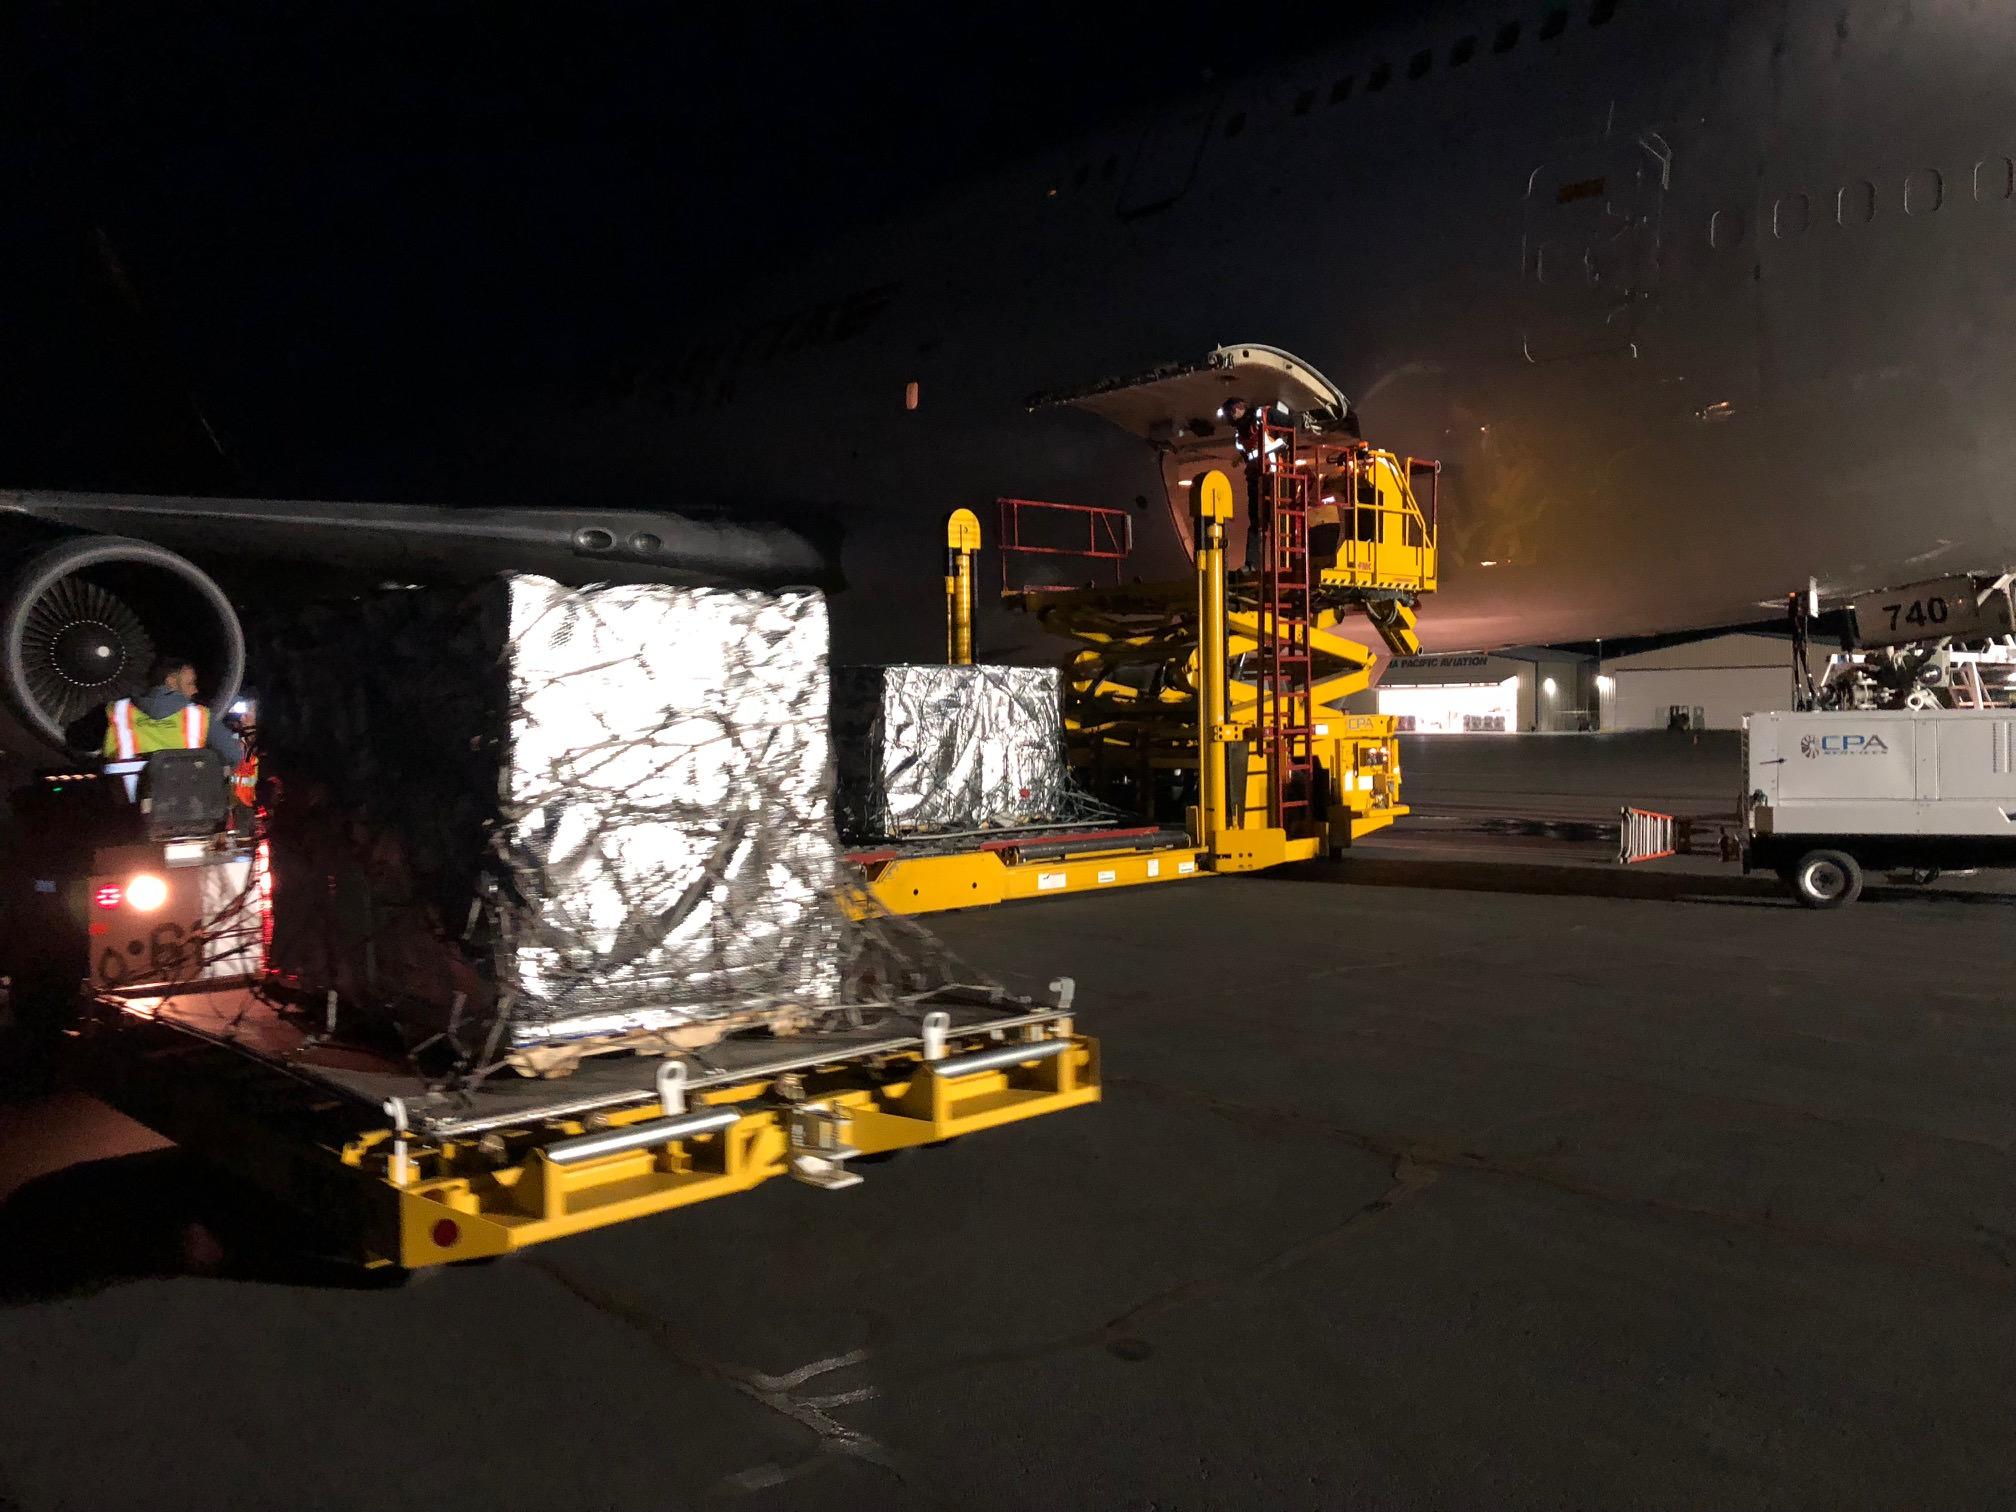 CPA loads a Boeing 747.